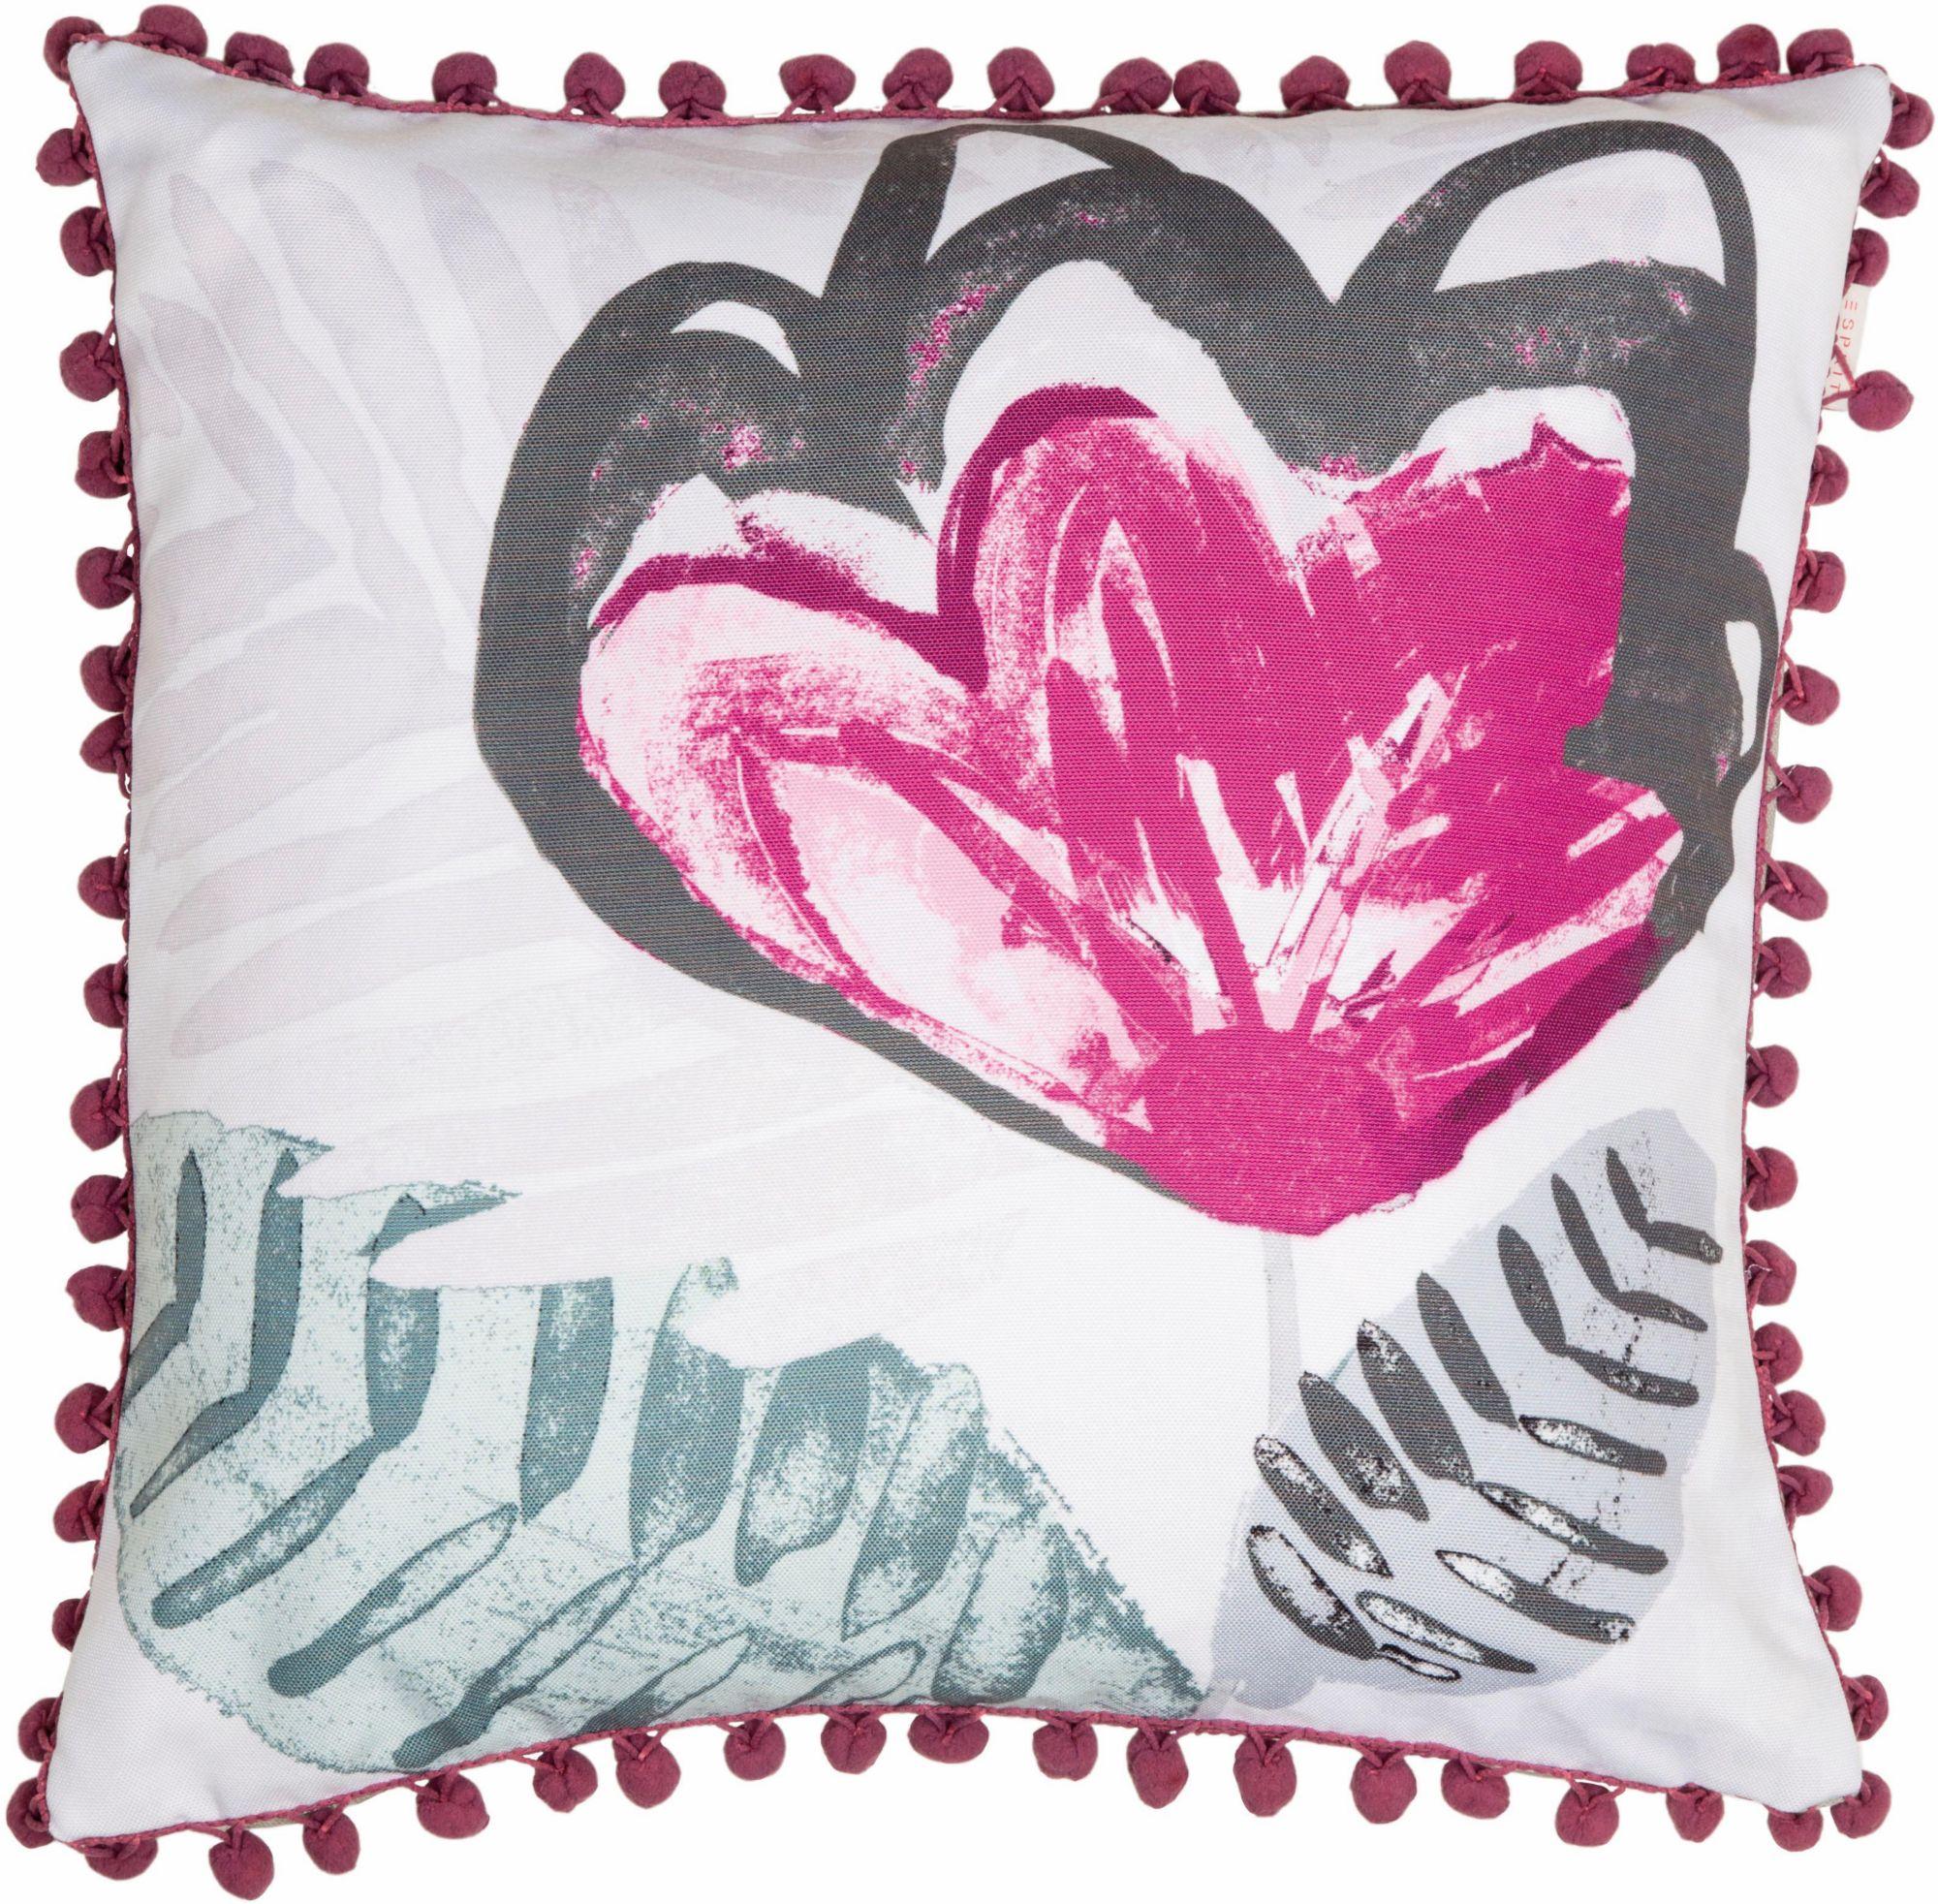 kissenhuellen esprit g nstig online kaufen beim schwab versand. Black Bedroom Furniture Sets. Home Design Ideas